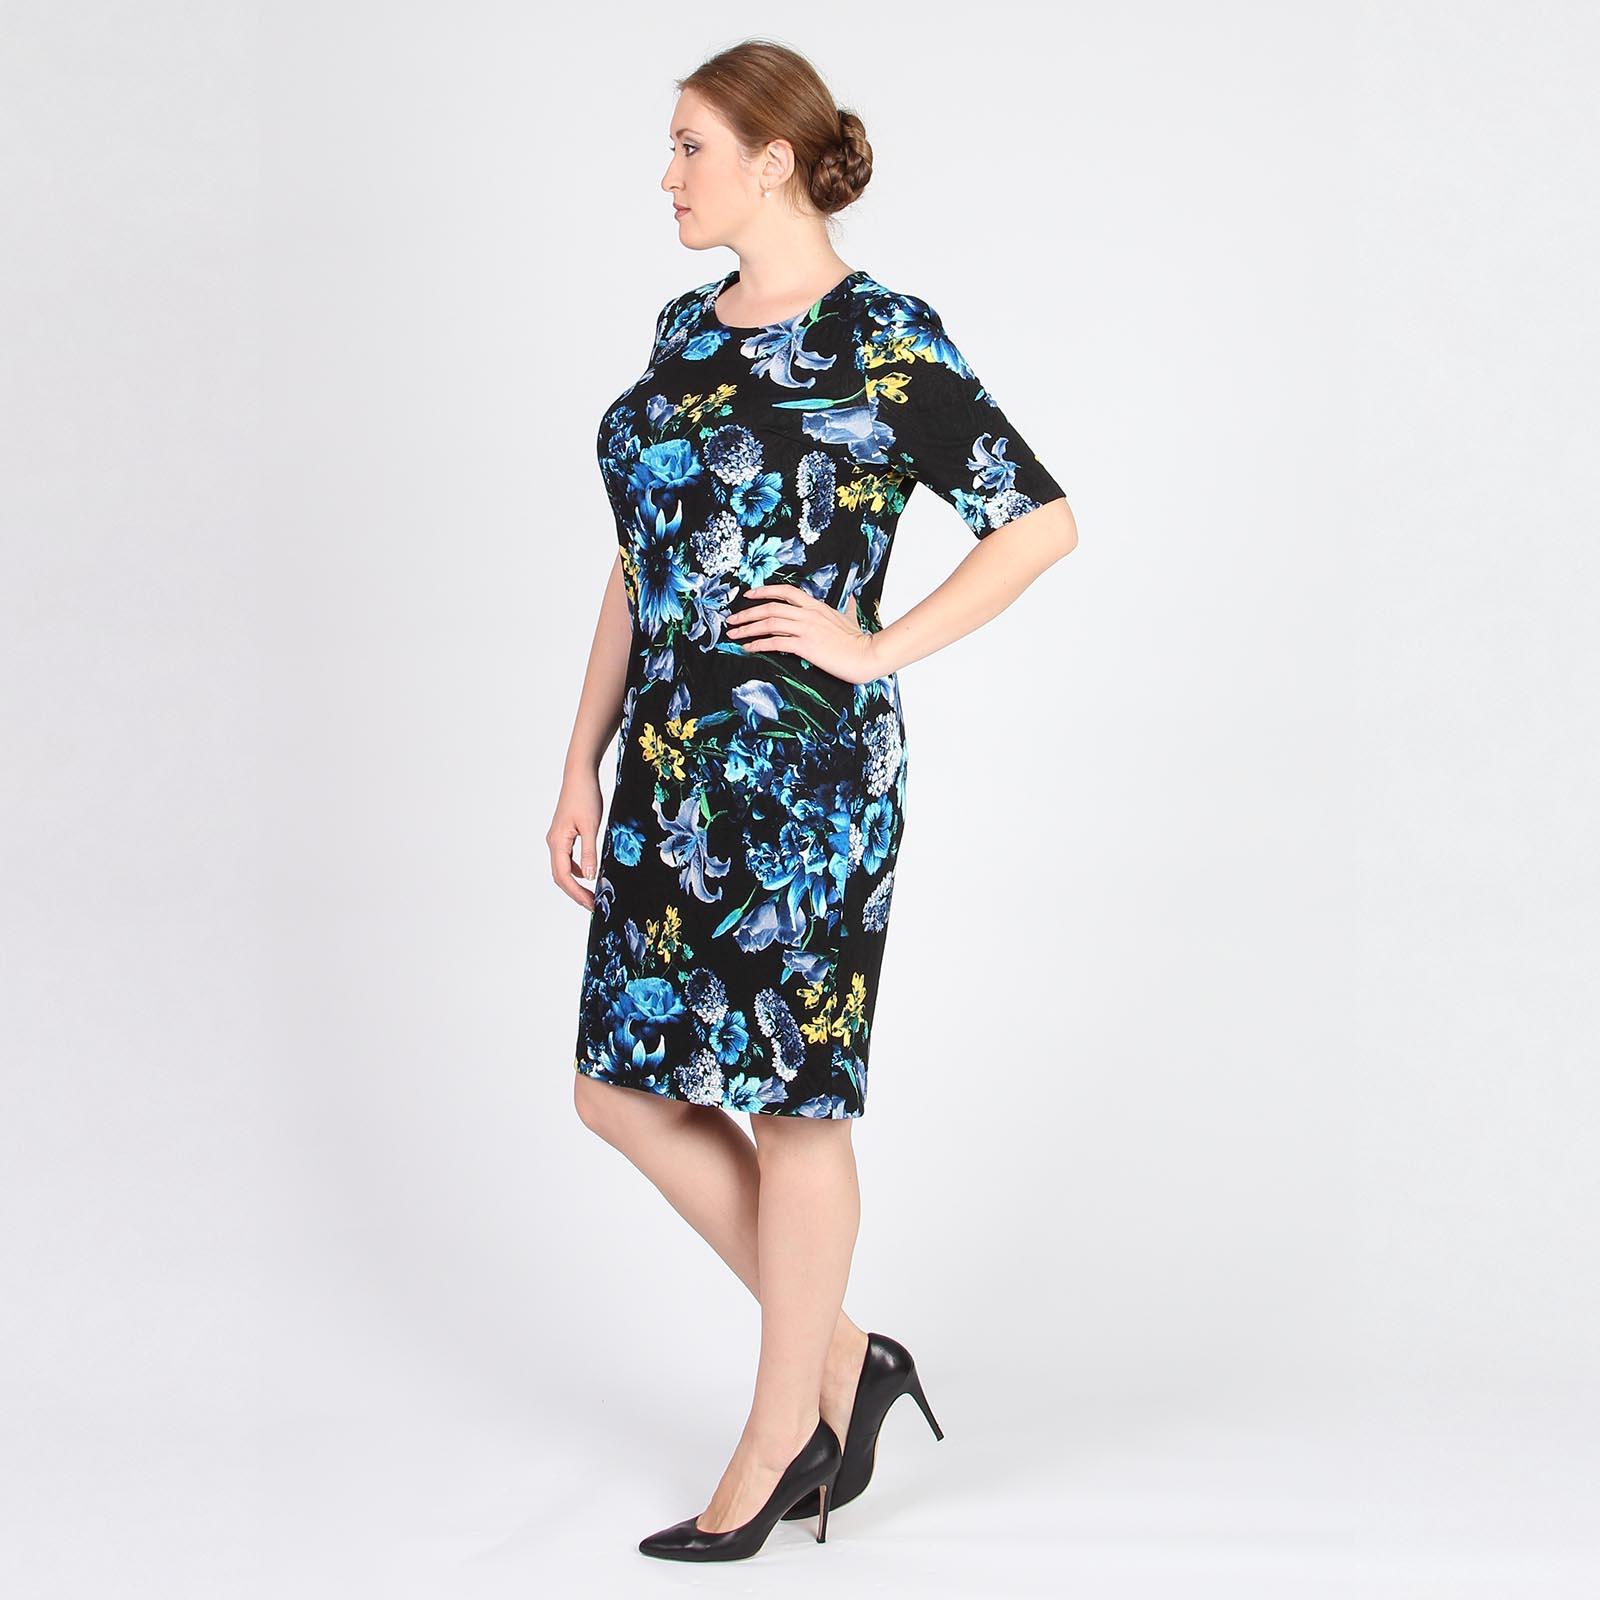 Модерн Женская Одежда Доставка